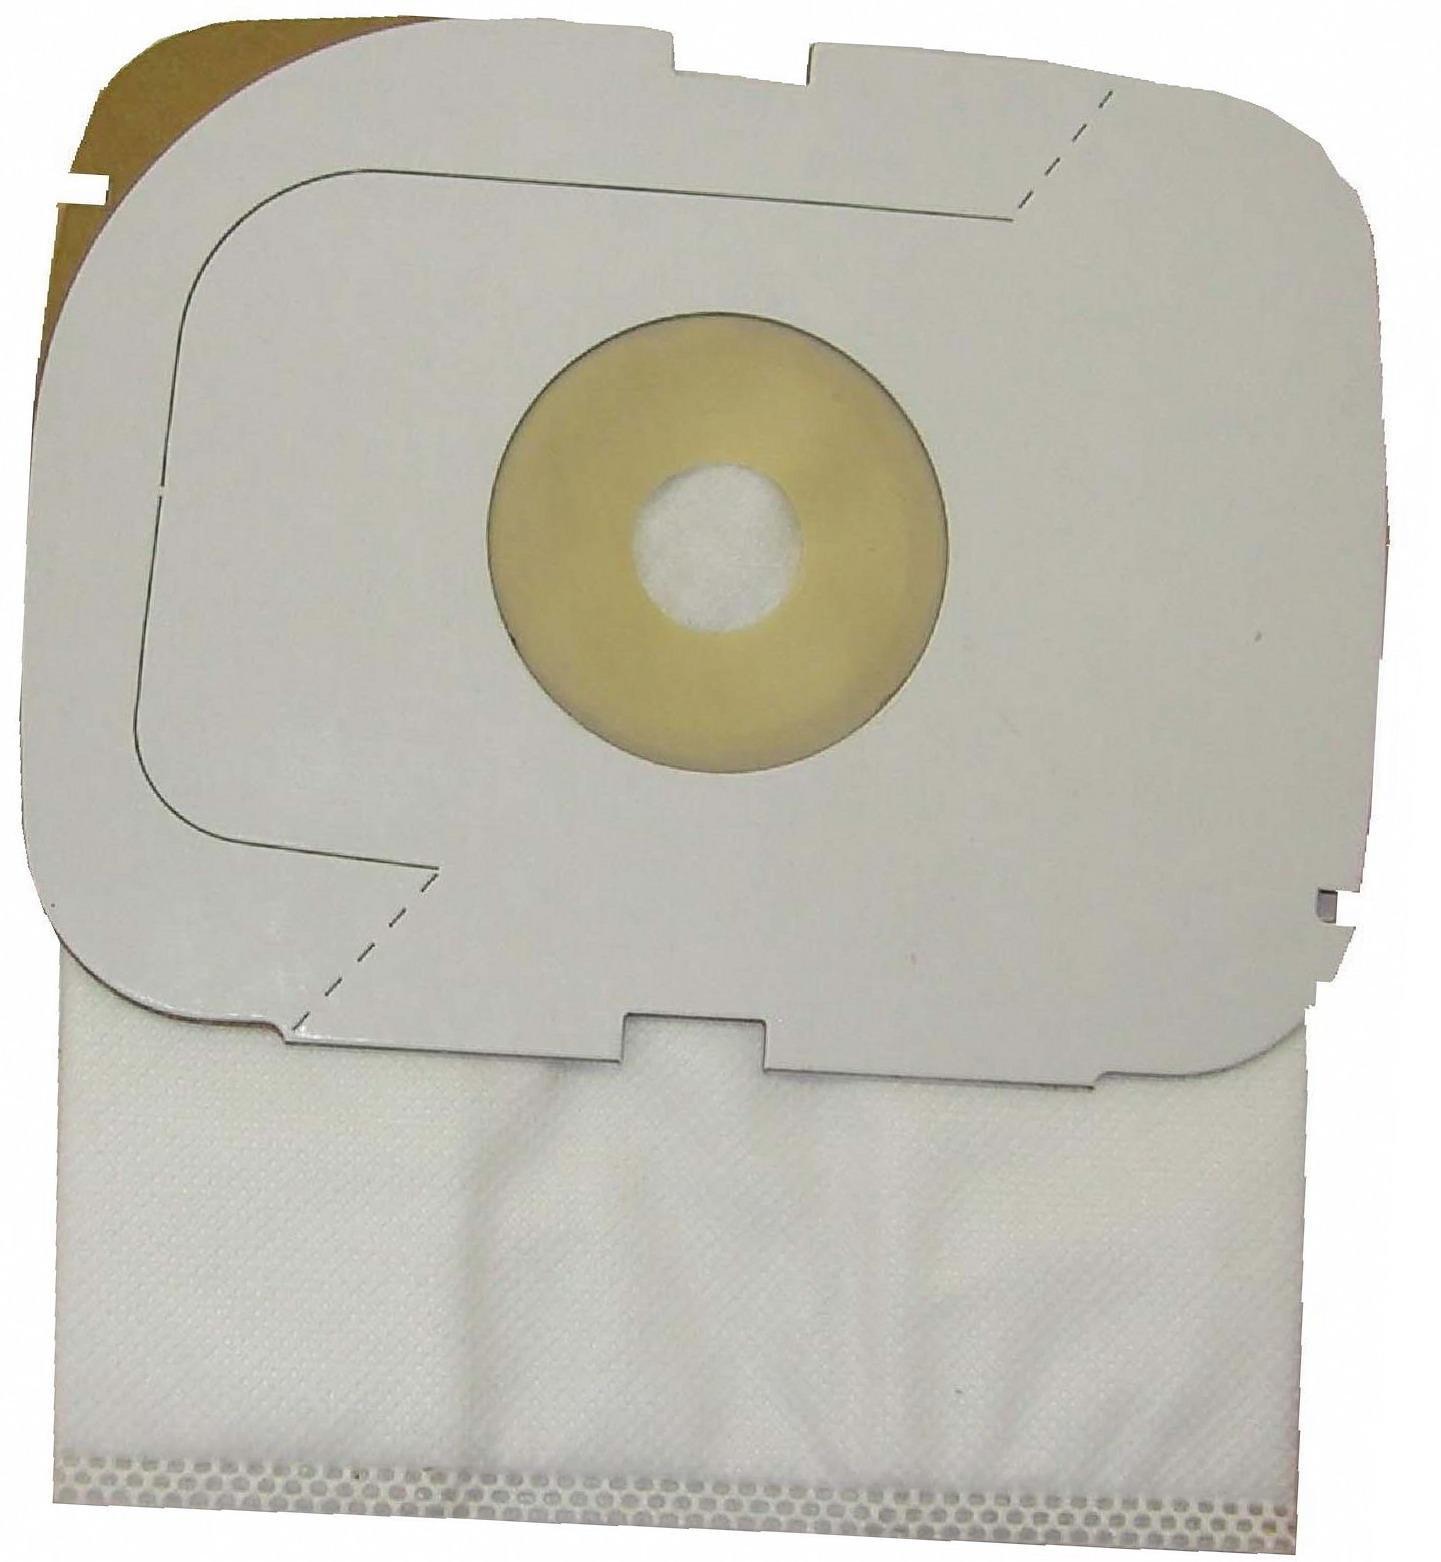 Mister Vac A270 - Bolsas de tela para aspiradoras Electrolux, modelo Lux Intelligence, 4 unidades: Amazon.es: Hogar